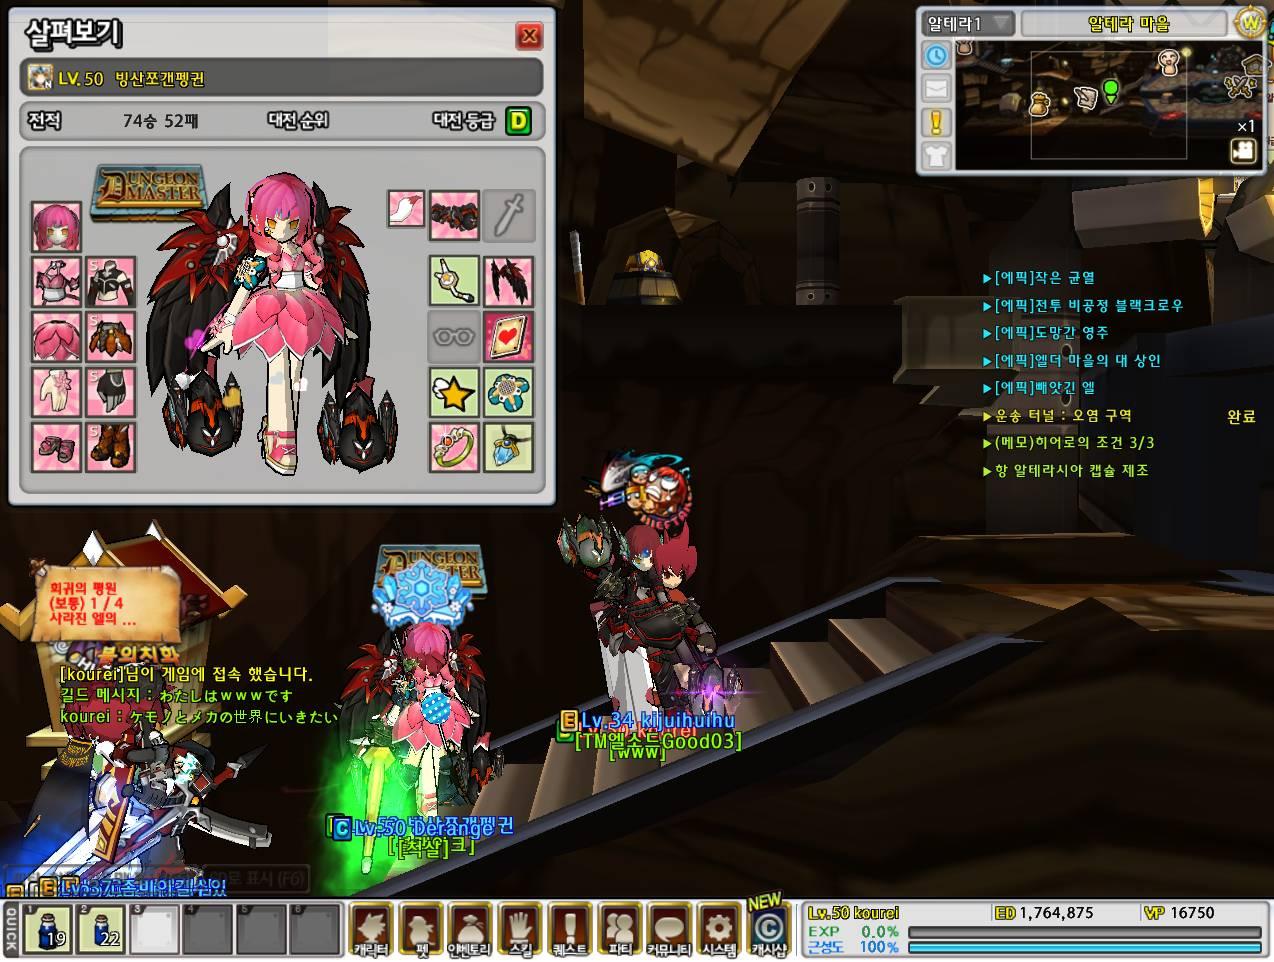 SC_2010_10_19_15_42_22_.jpg